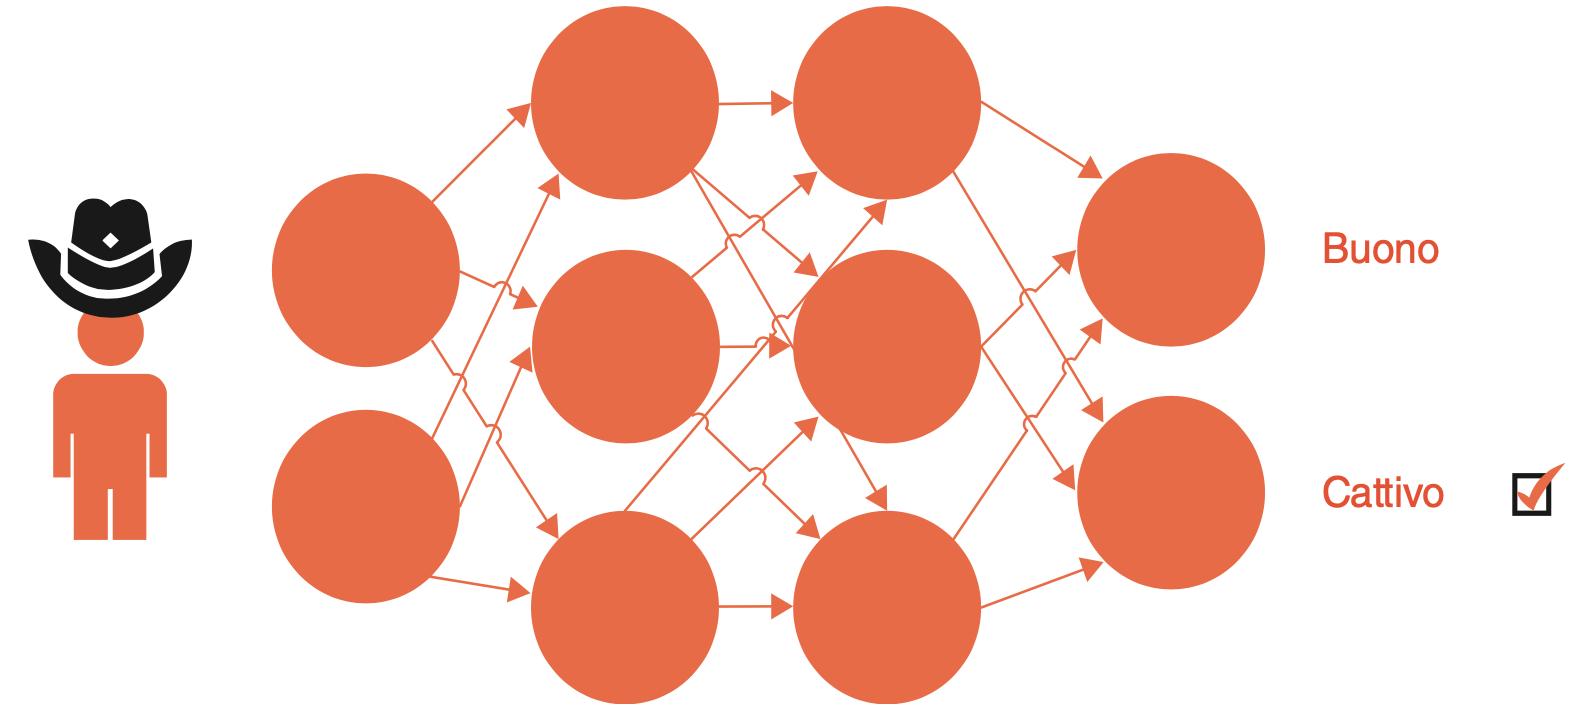 Addestramento di un modello di machine learning con l'immagine di un cattivo